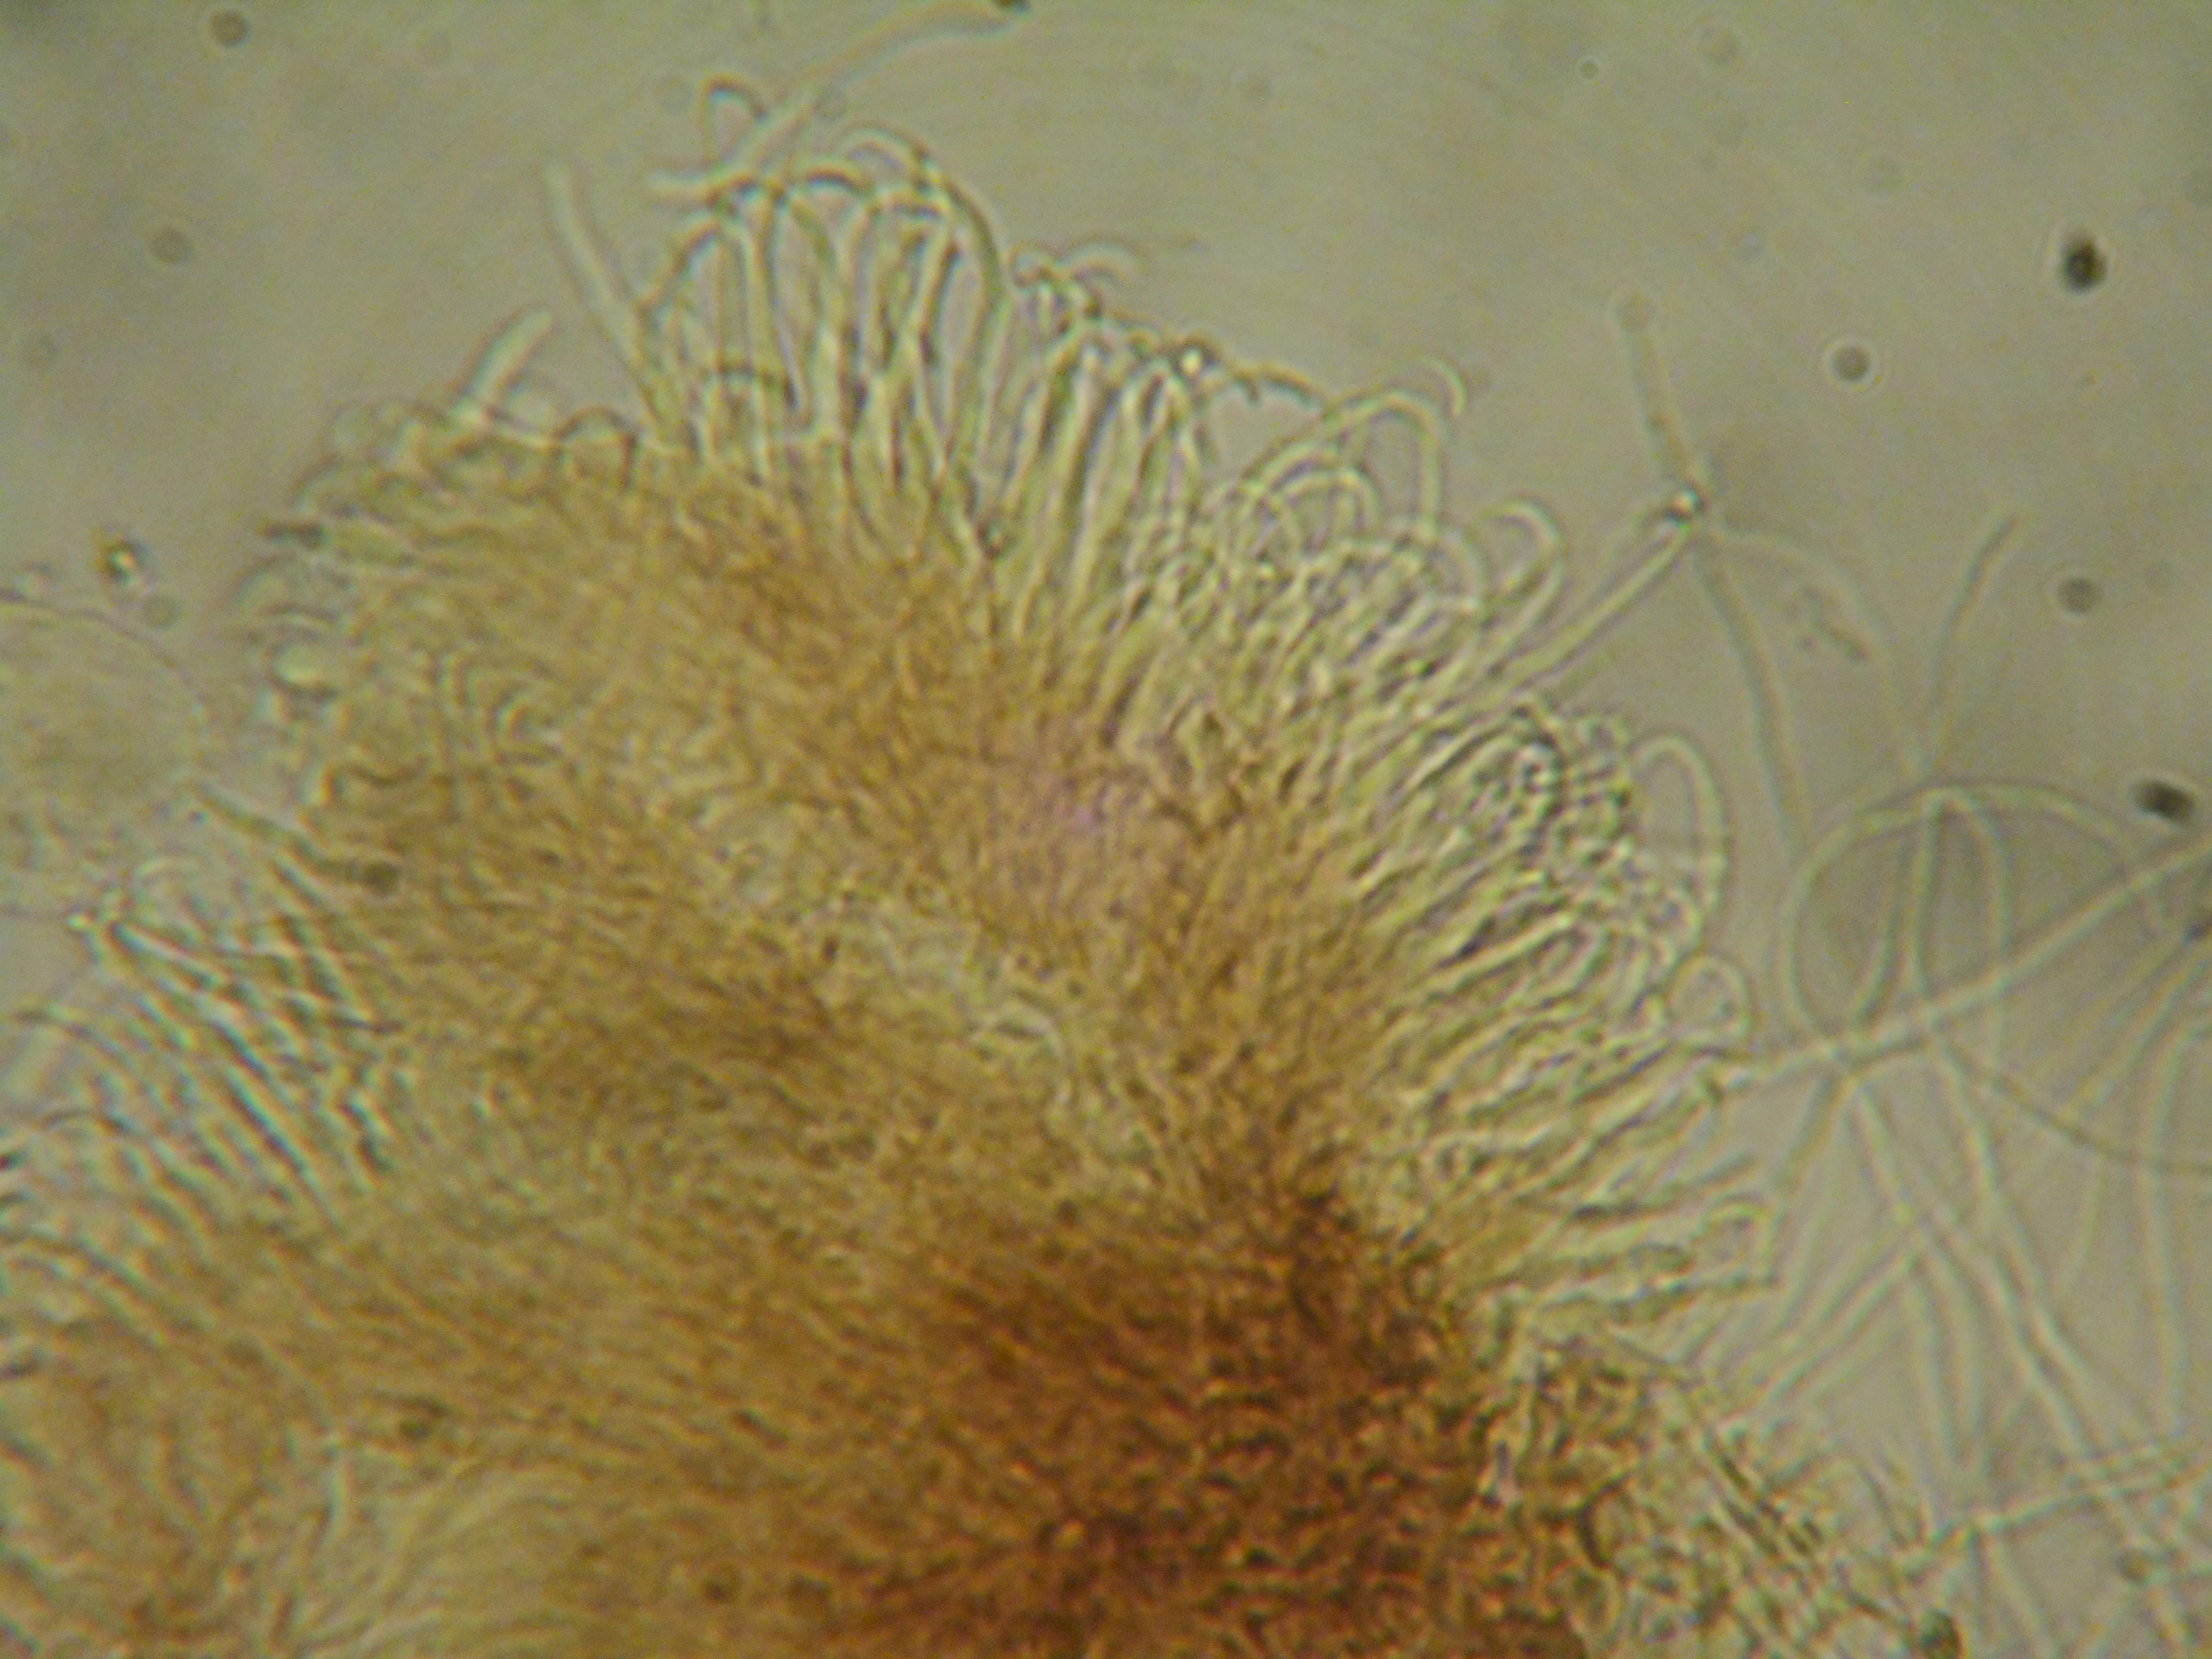 Unguiculariopsis parasitica image